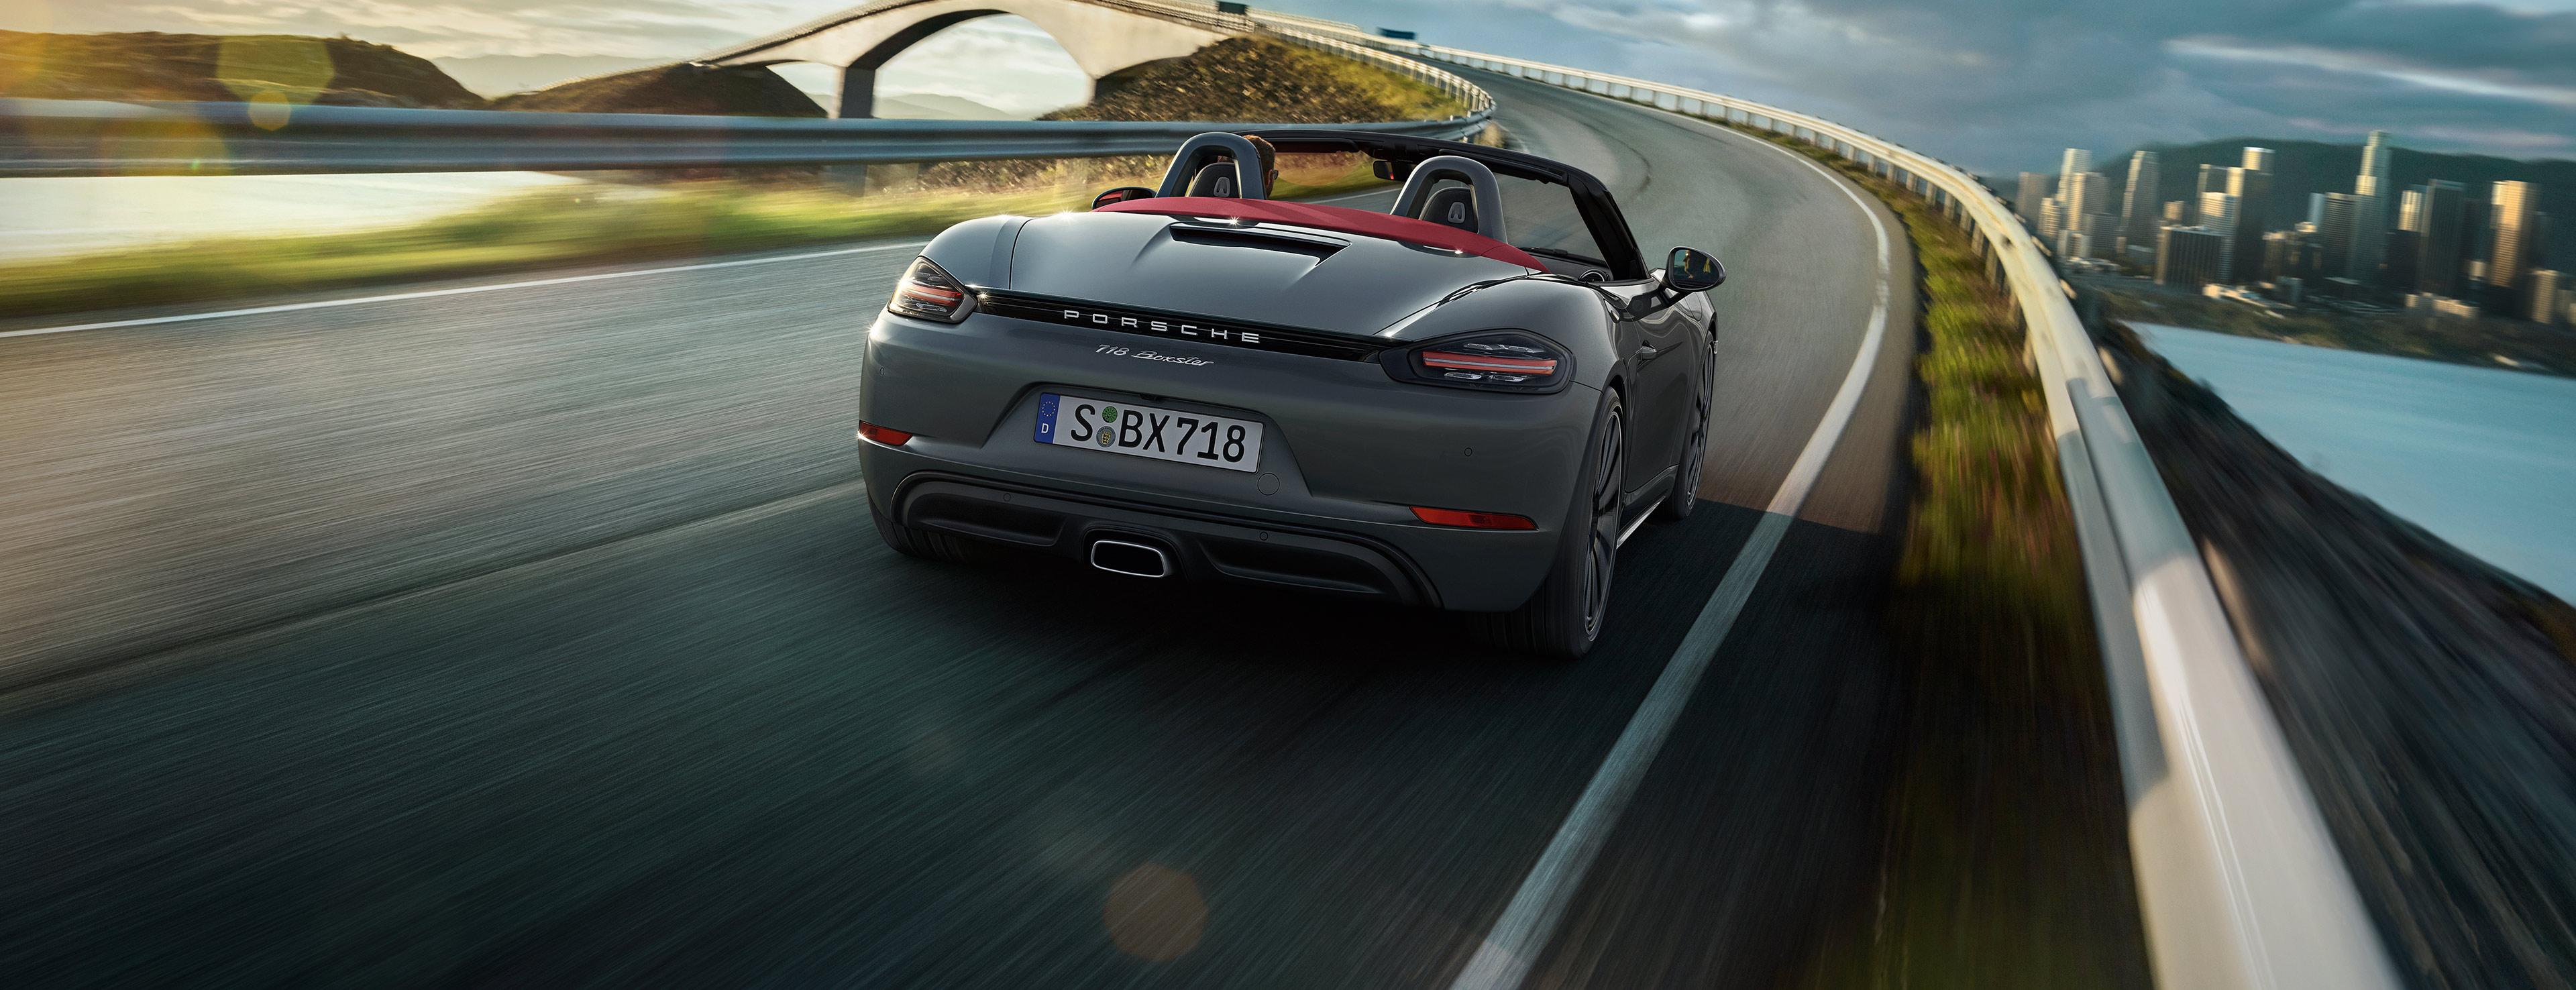 Porsche 718 Boxster Models Porsche Usa